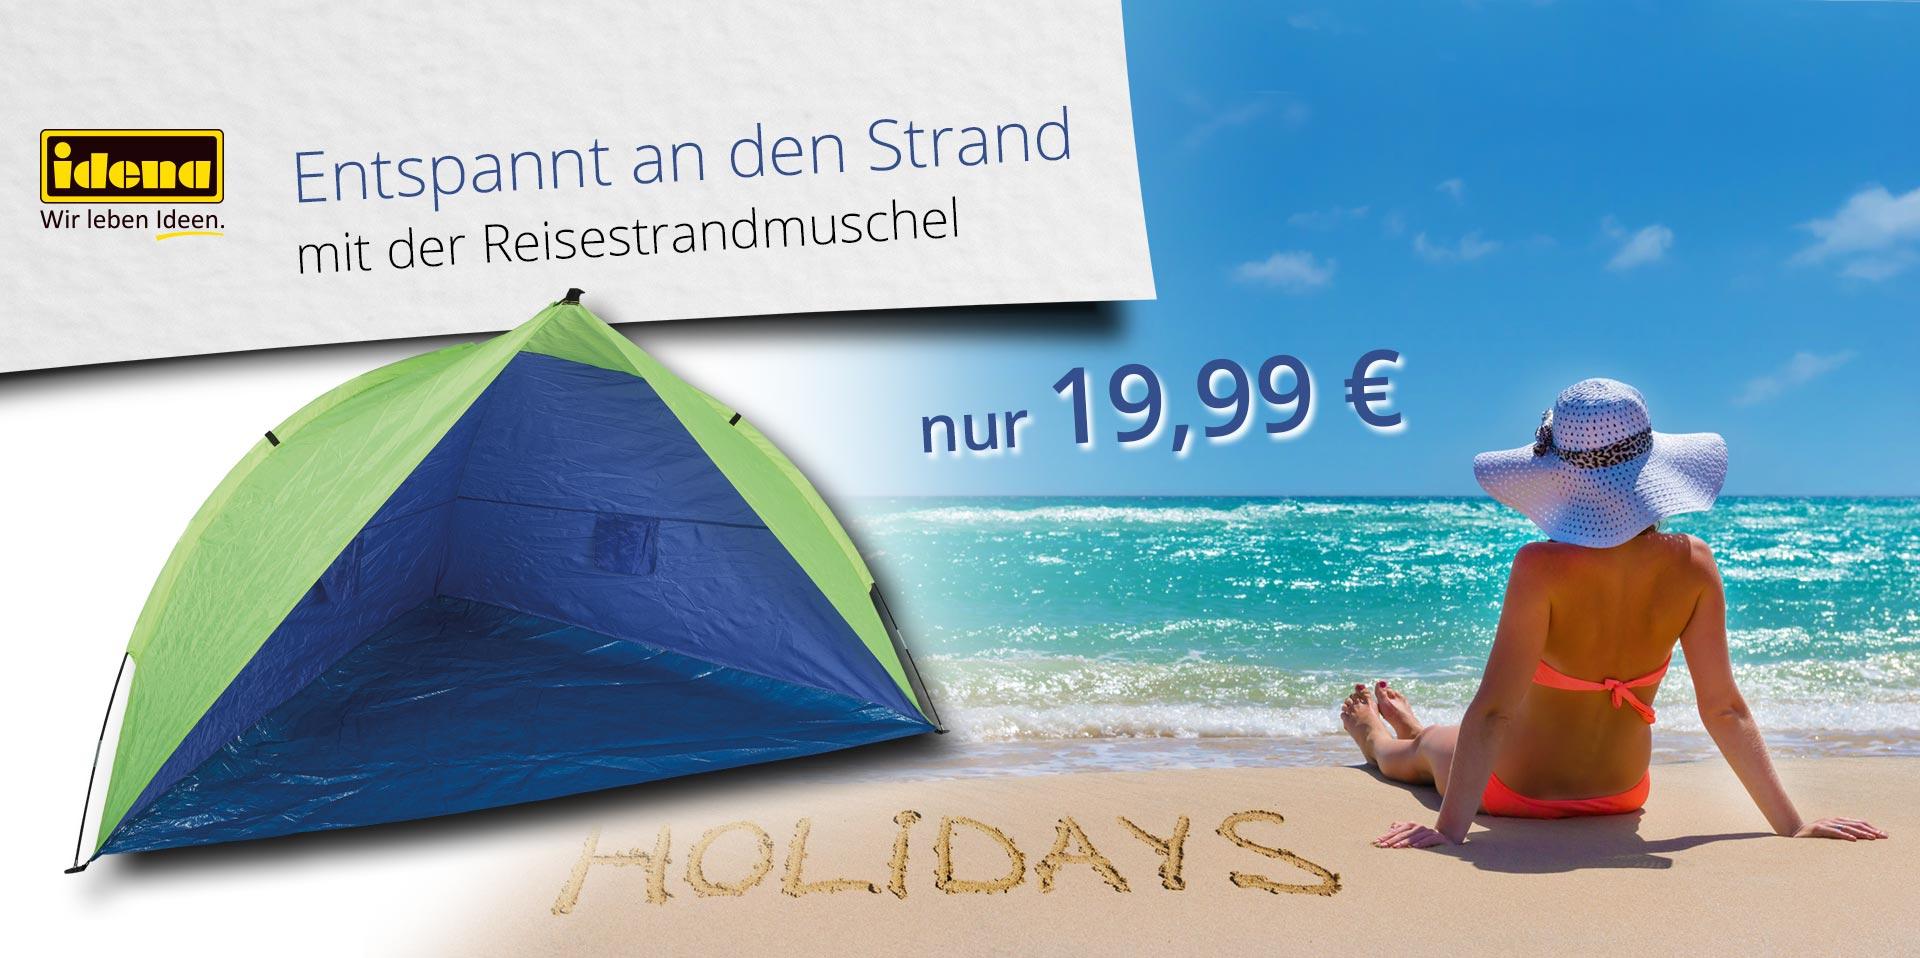 Banner Reisestrandmuschel